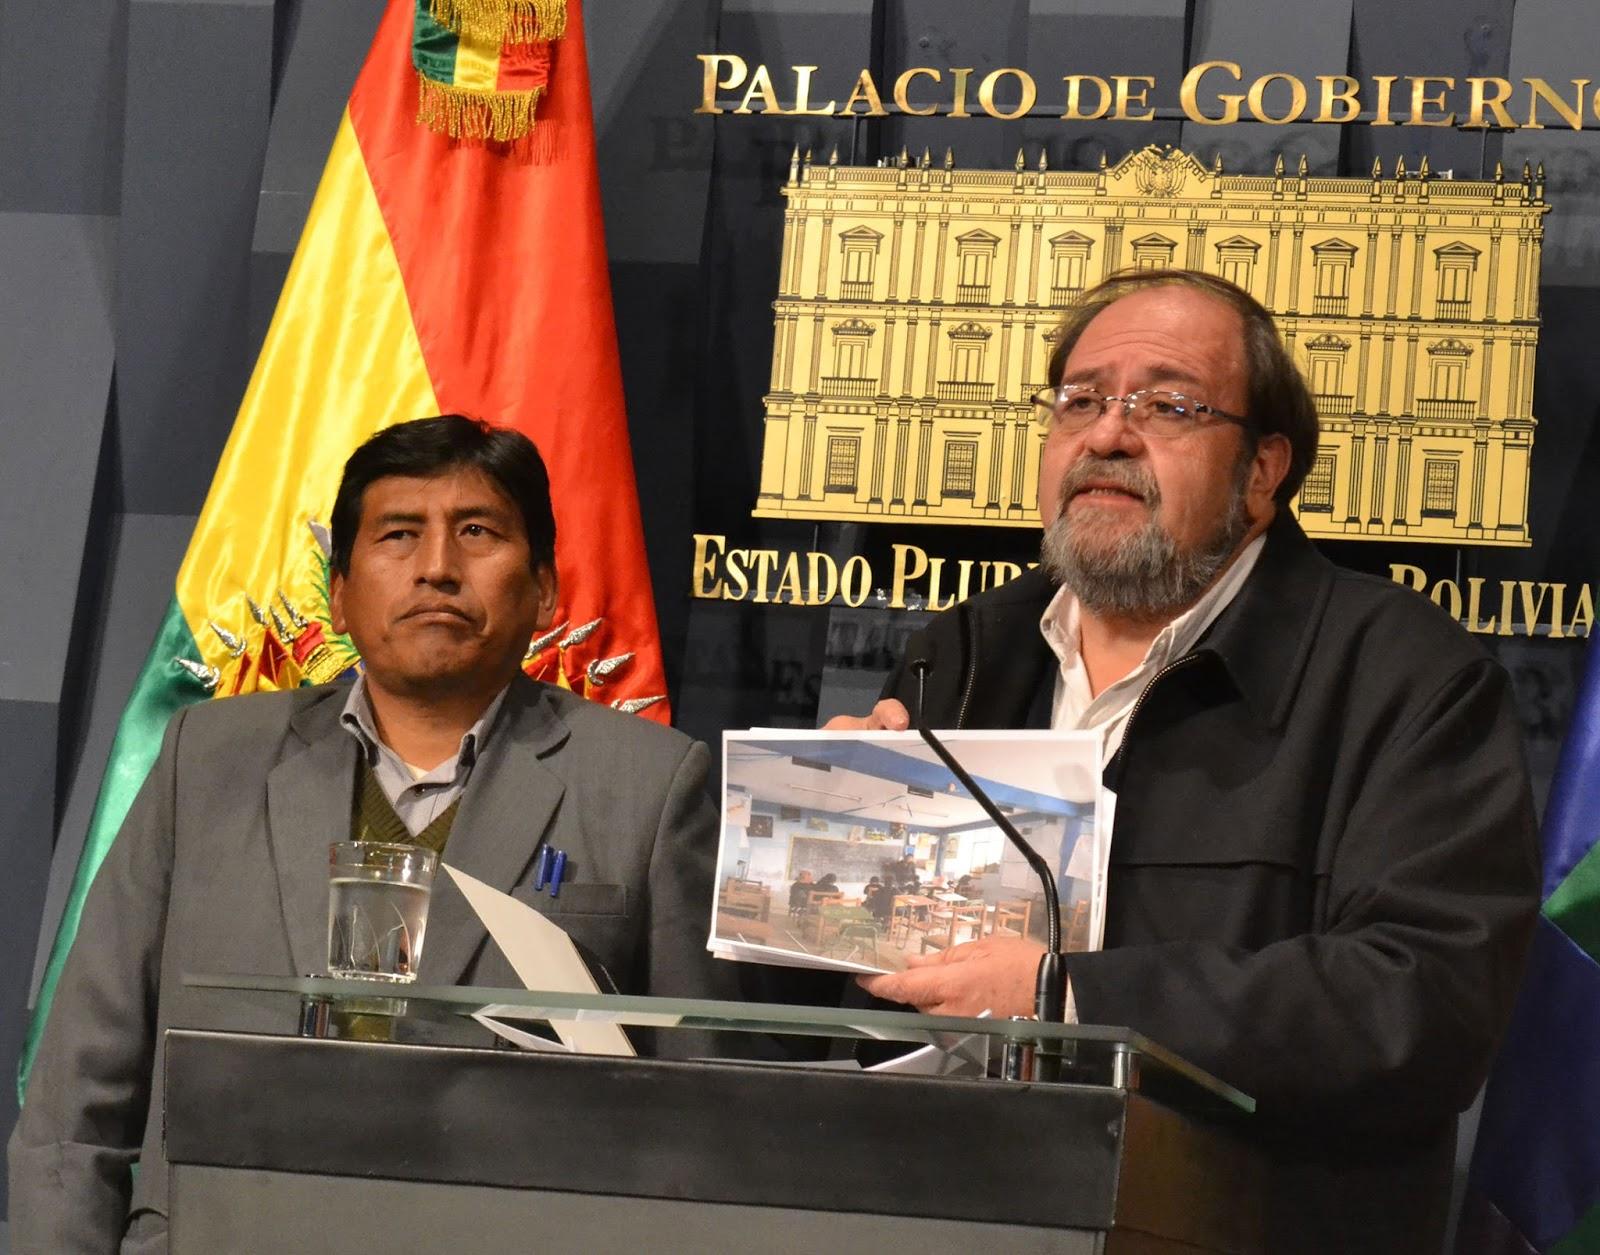 Ministro Aguilar en conferencia de prensa con fotos de escuelas en Achacachi